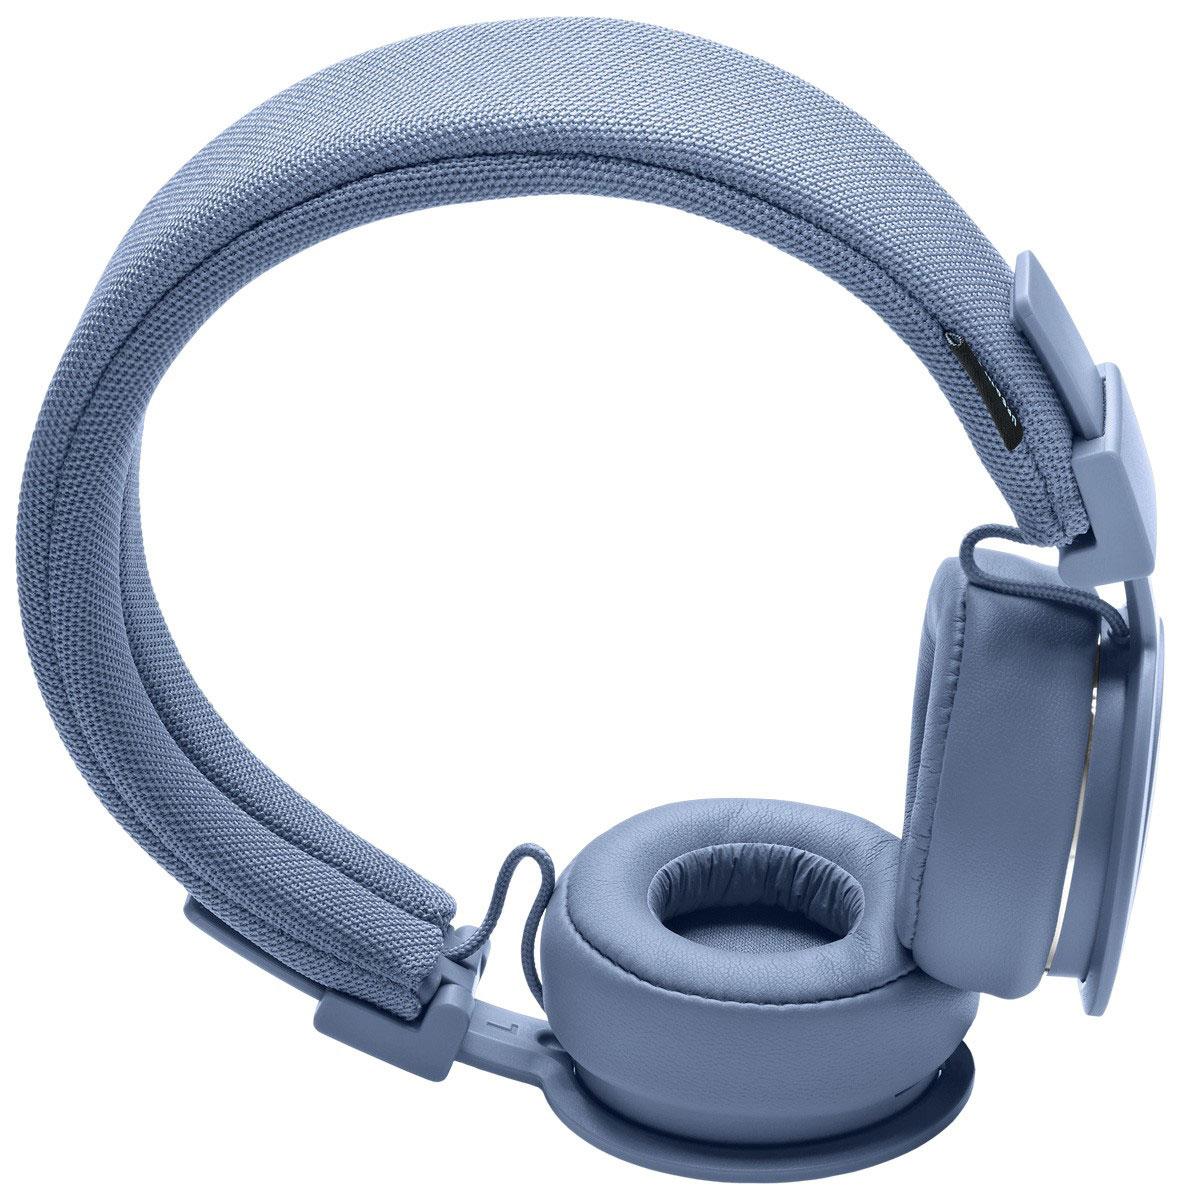 Urbanears Plattan ADV Wireless, Sea Grey наушники15118191Plattan ADV Wireless - это первые Bluetooth-наушники в ассортименте Urbanears. Они оснащены встроенным микрофоном, имеют световой индикатор состояний на чашке излучателя и готовы работать 14 часов без подзарядки. Передвигайтесь свободно, принимайте звонки и слушайте музыку на ходу без путающихся проводов. Нет кабеля - нет проблем! Urbanears Plattan ADV Wireless оснащены съёмным оголовьем и амбушюрами, которые можно подвергать машинной стирке вместе с одеждой. Всегда свежие впечатления даже от знакомой музыки! ZoundPlug - это разъём, позволяющий поделиться вашей музыкой с другом. Просто подключите его наушники к вашим Plattan ADV Wireless через свободный порт.